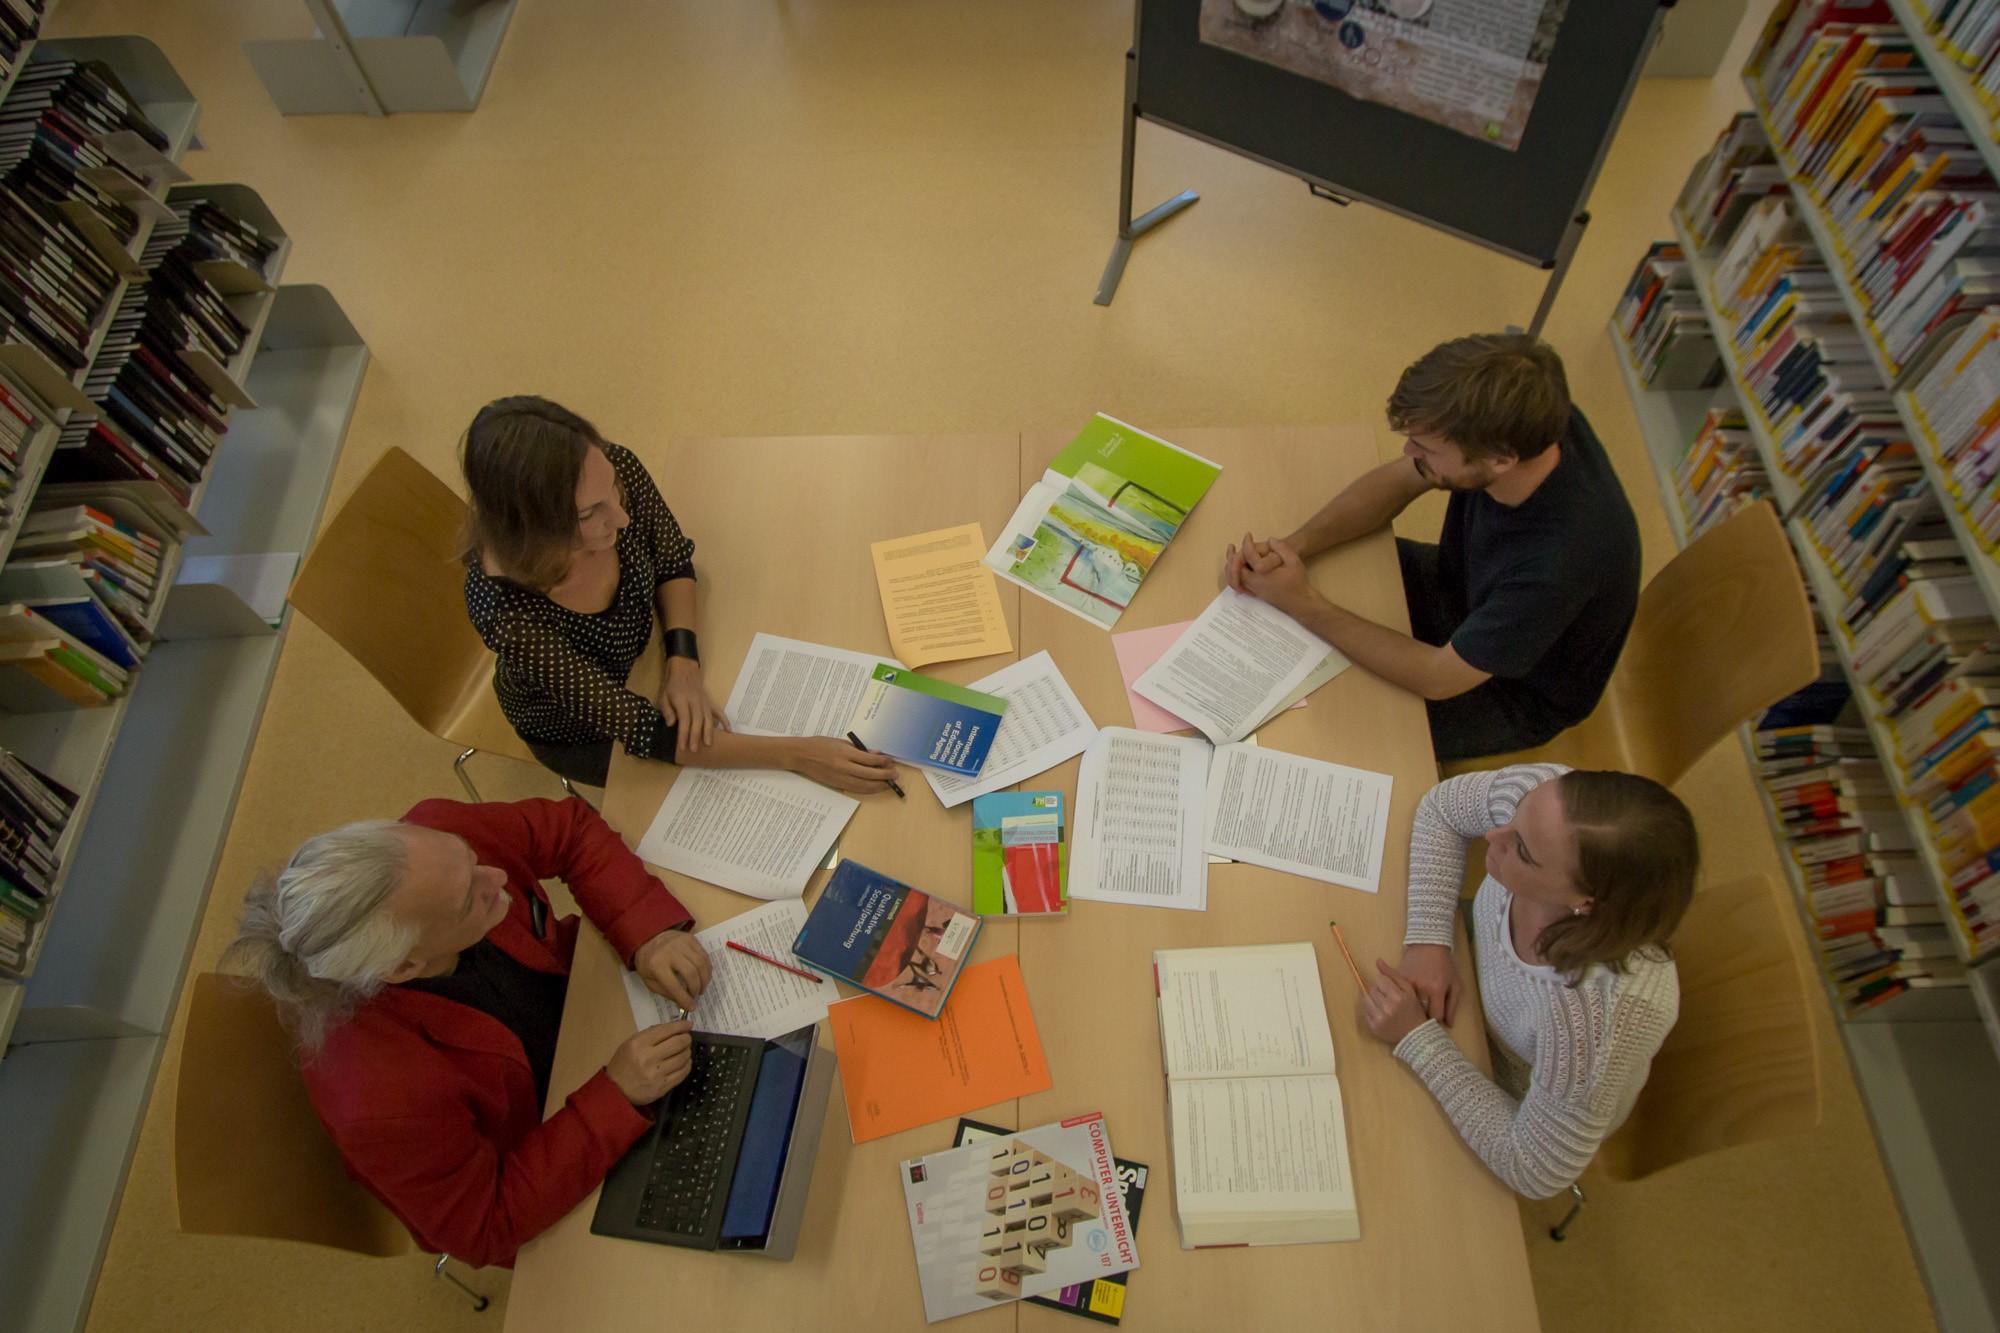 Campus-der-Relgionen-2019-Foto: (c) Sabine Aßmann, Die KPH-Bibliothek auf dem Campus Wien-Strebersdorf